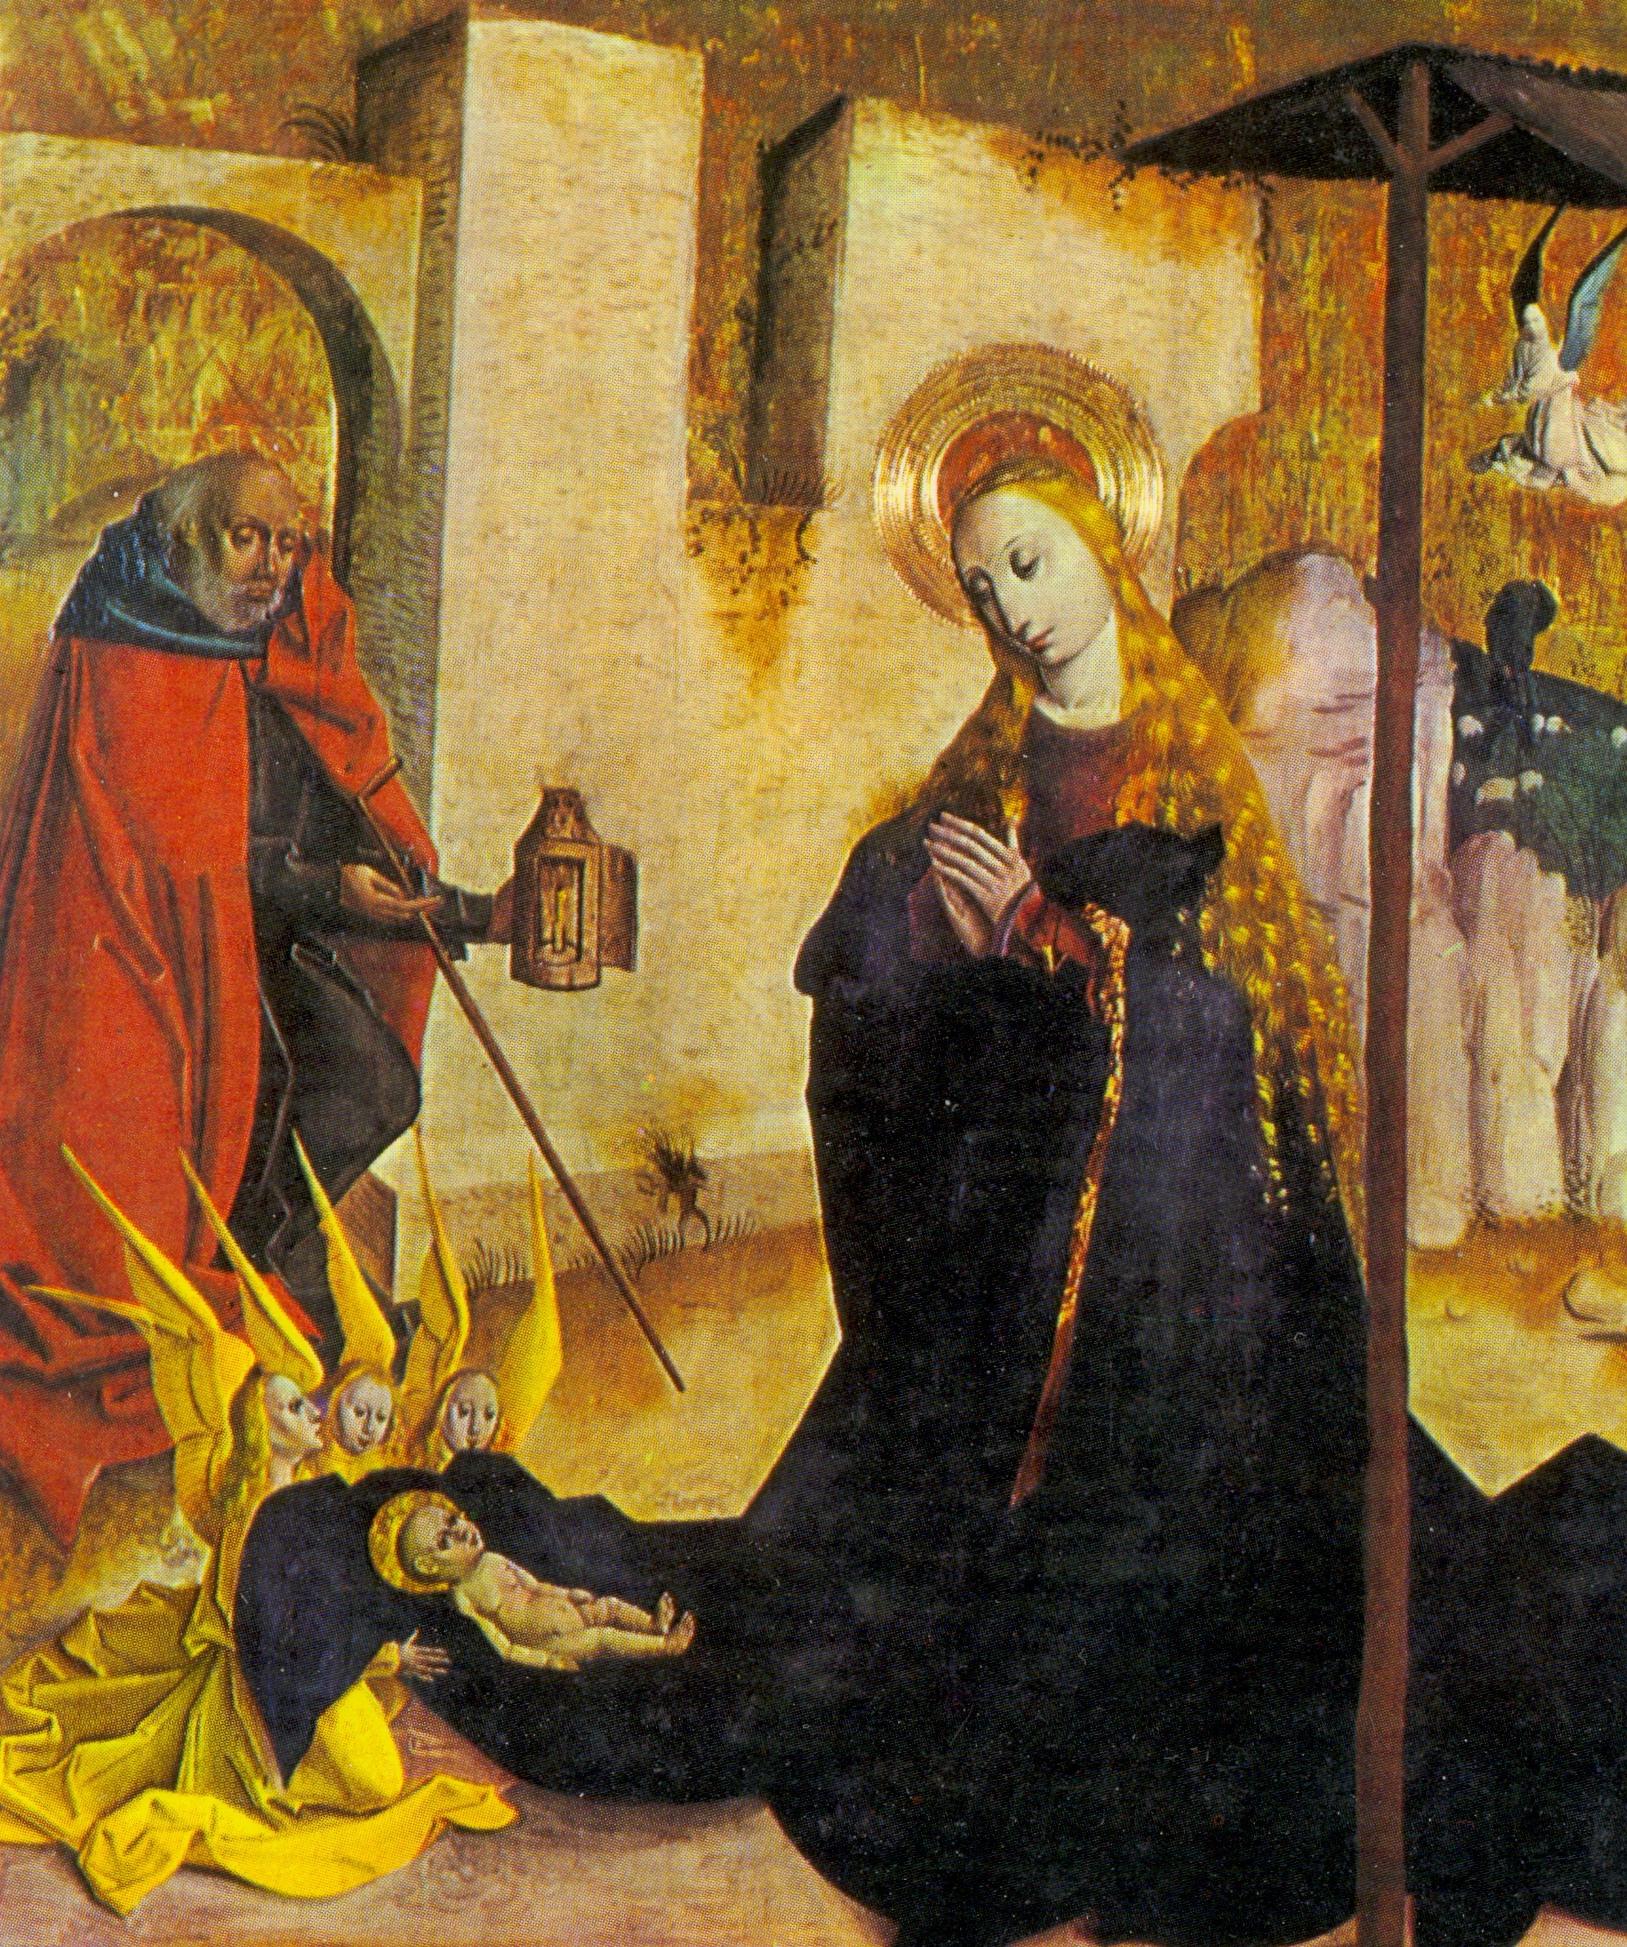 File:Spišské Podhradie Narodenie (1490).jpg